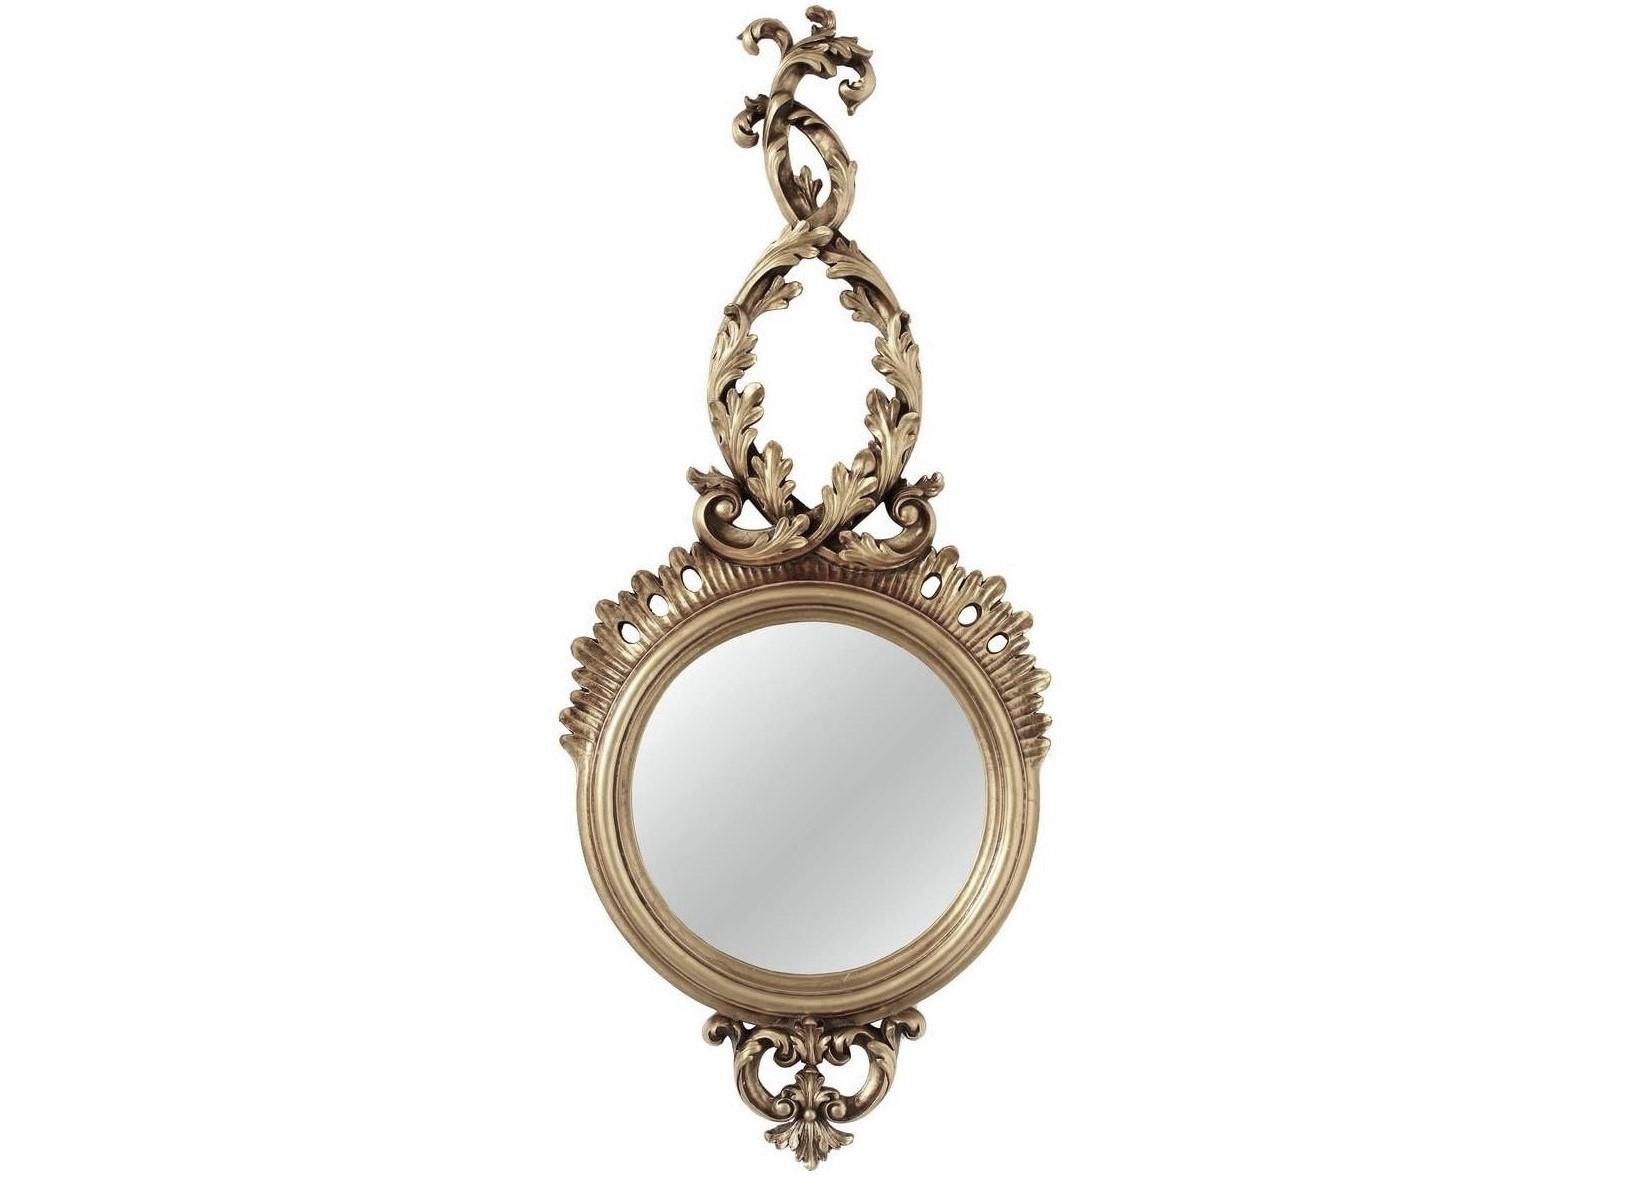 Зеркало LianaНастенные зеркала<br><br><br>Material: Полирезин<br>Width см: 47<br>Depth см: 4<br>Height см: 110